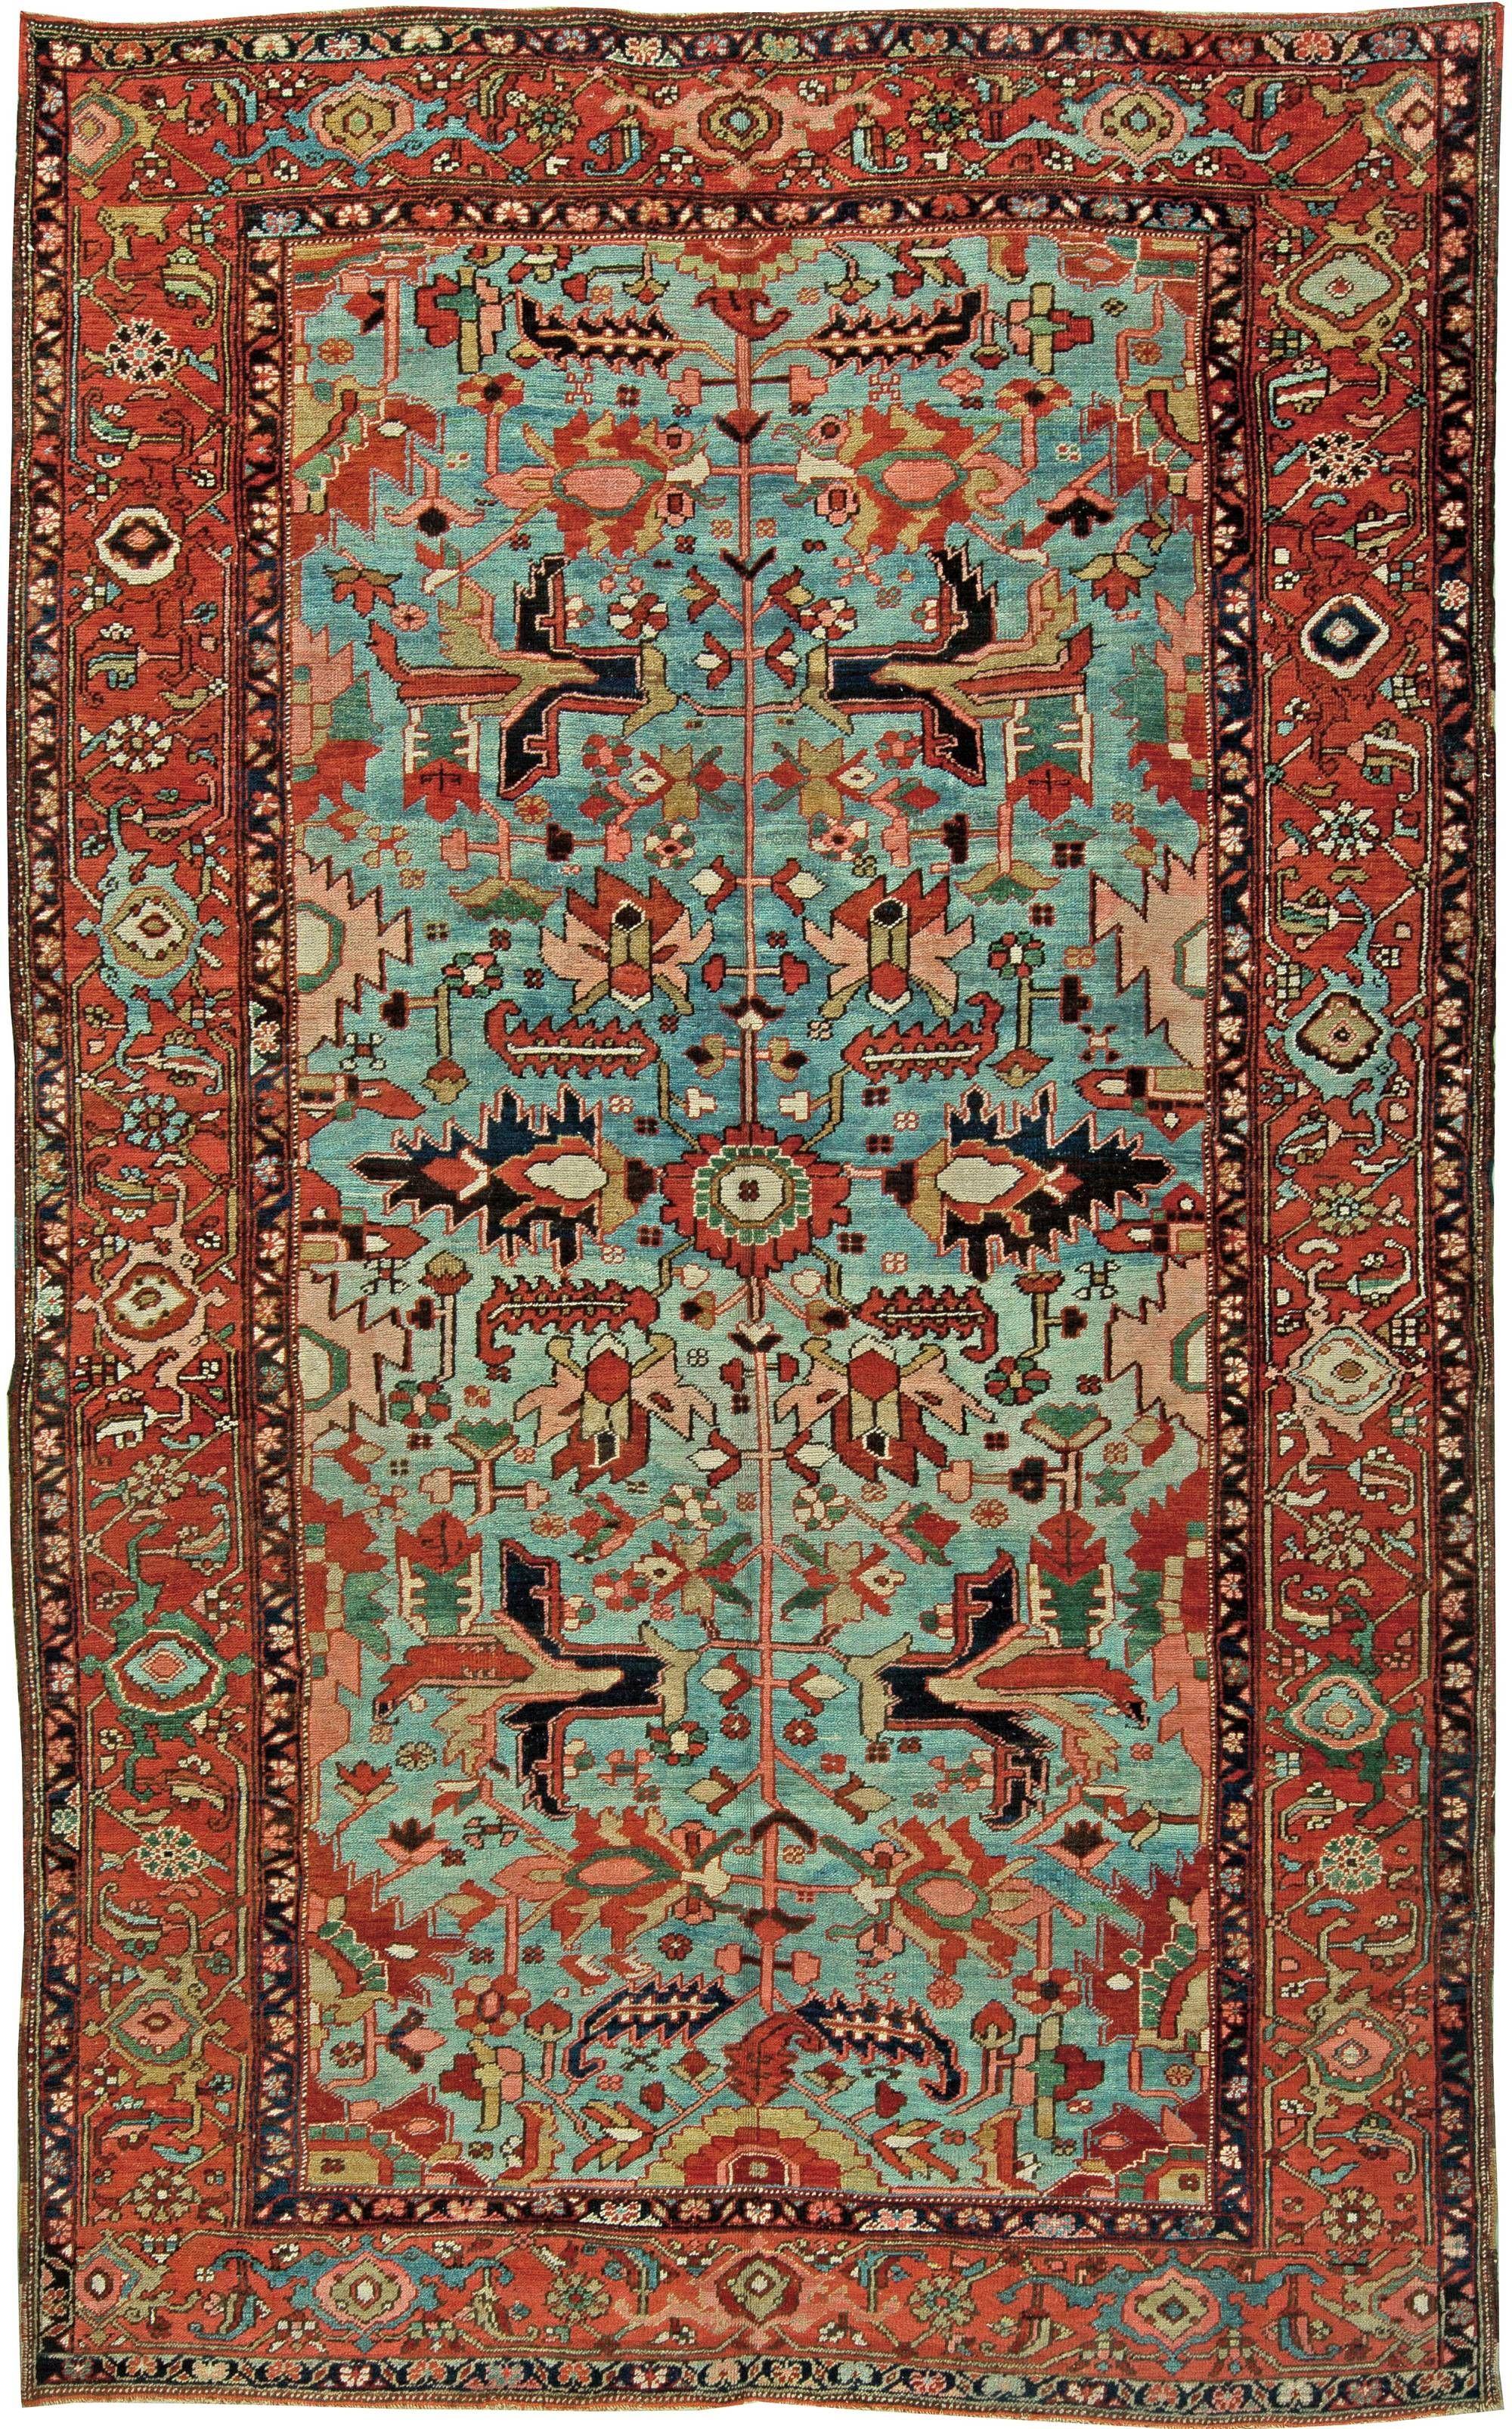 heriz rugs this heriz rug features antique persian rug patterns - by doris leslie blau YMPRLOQ